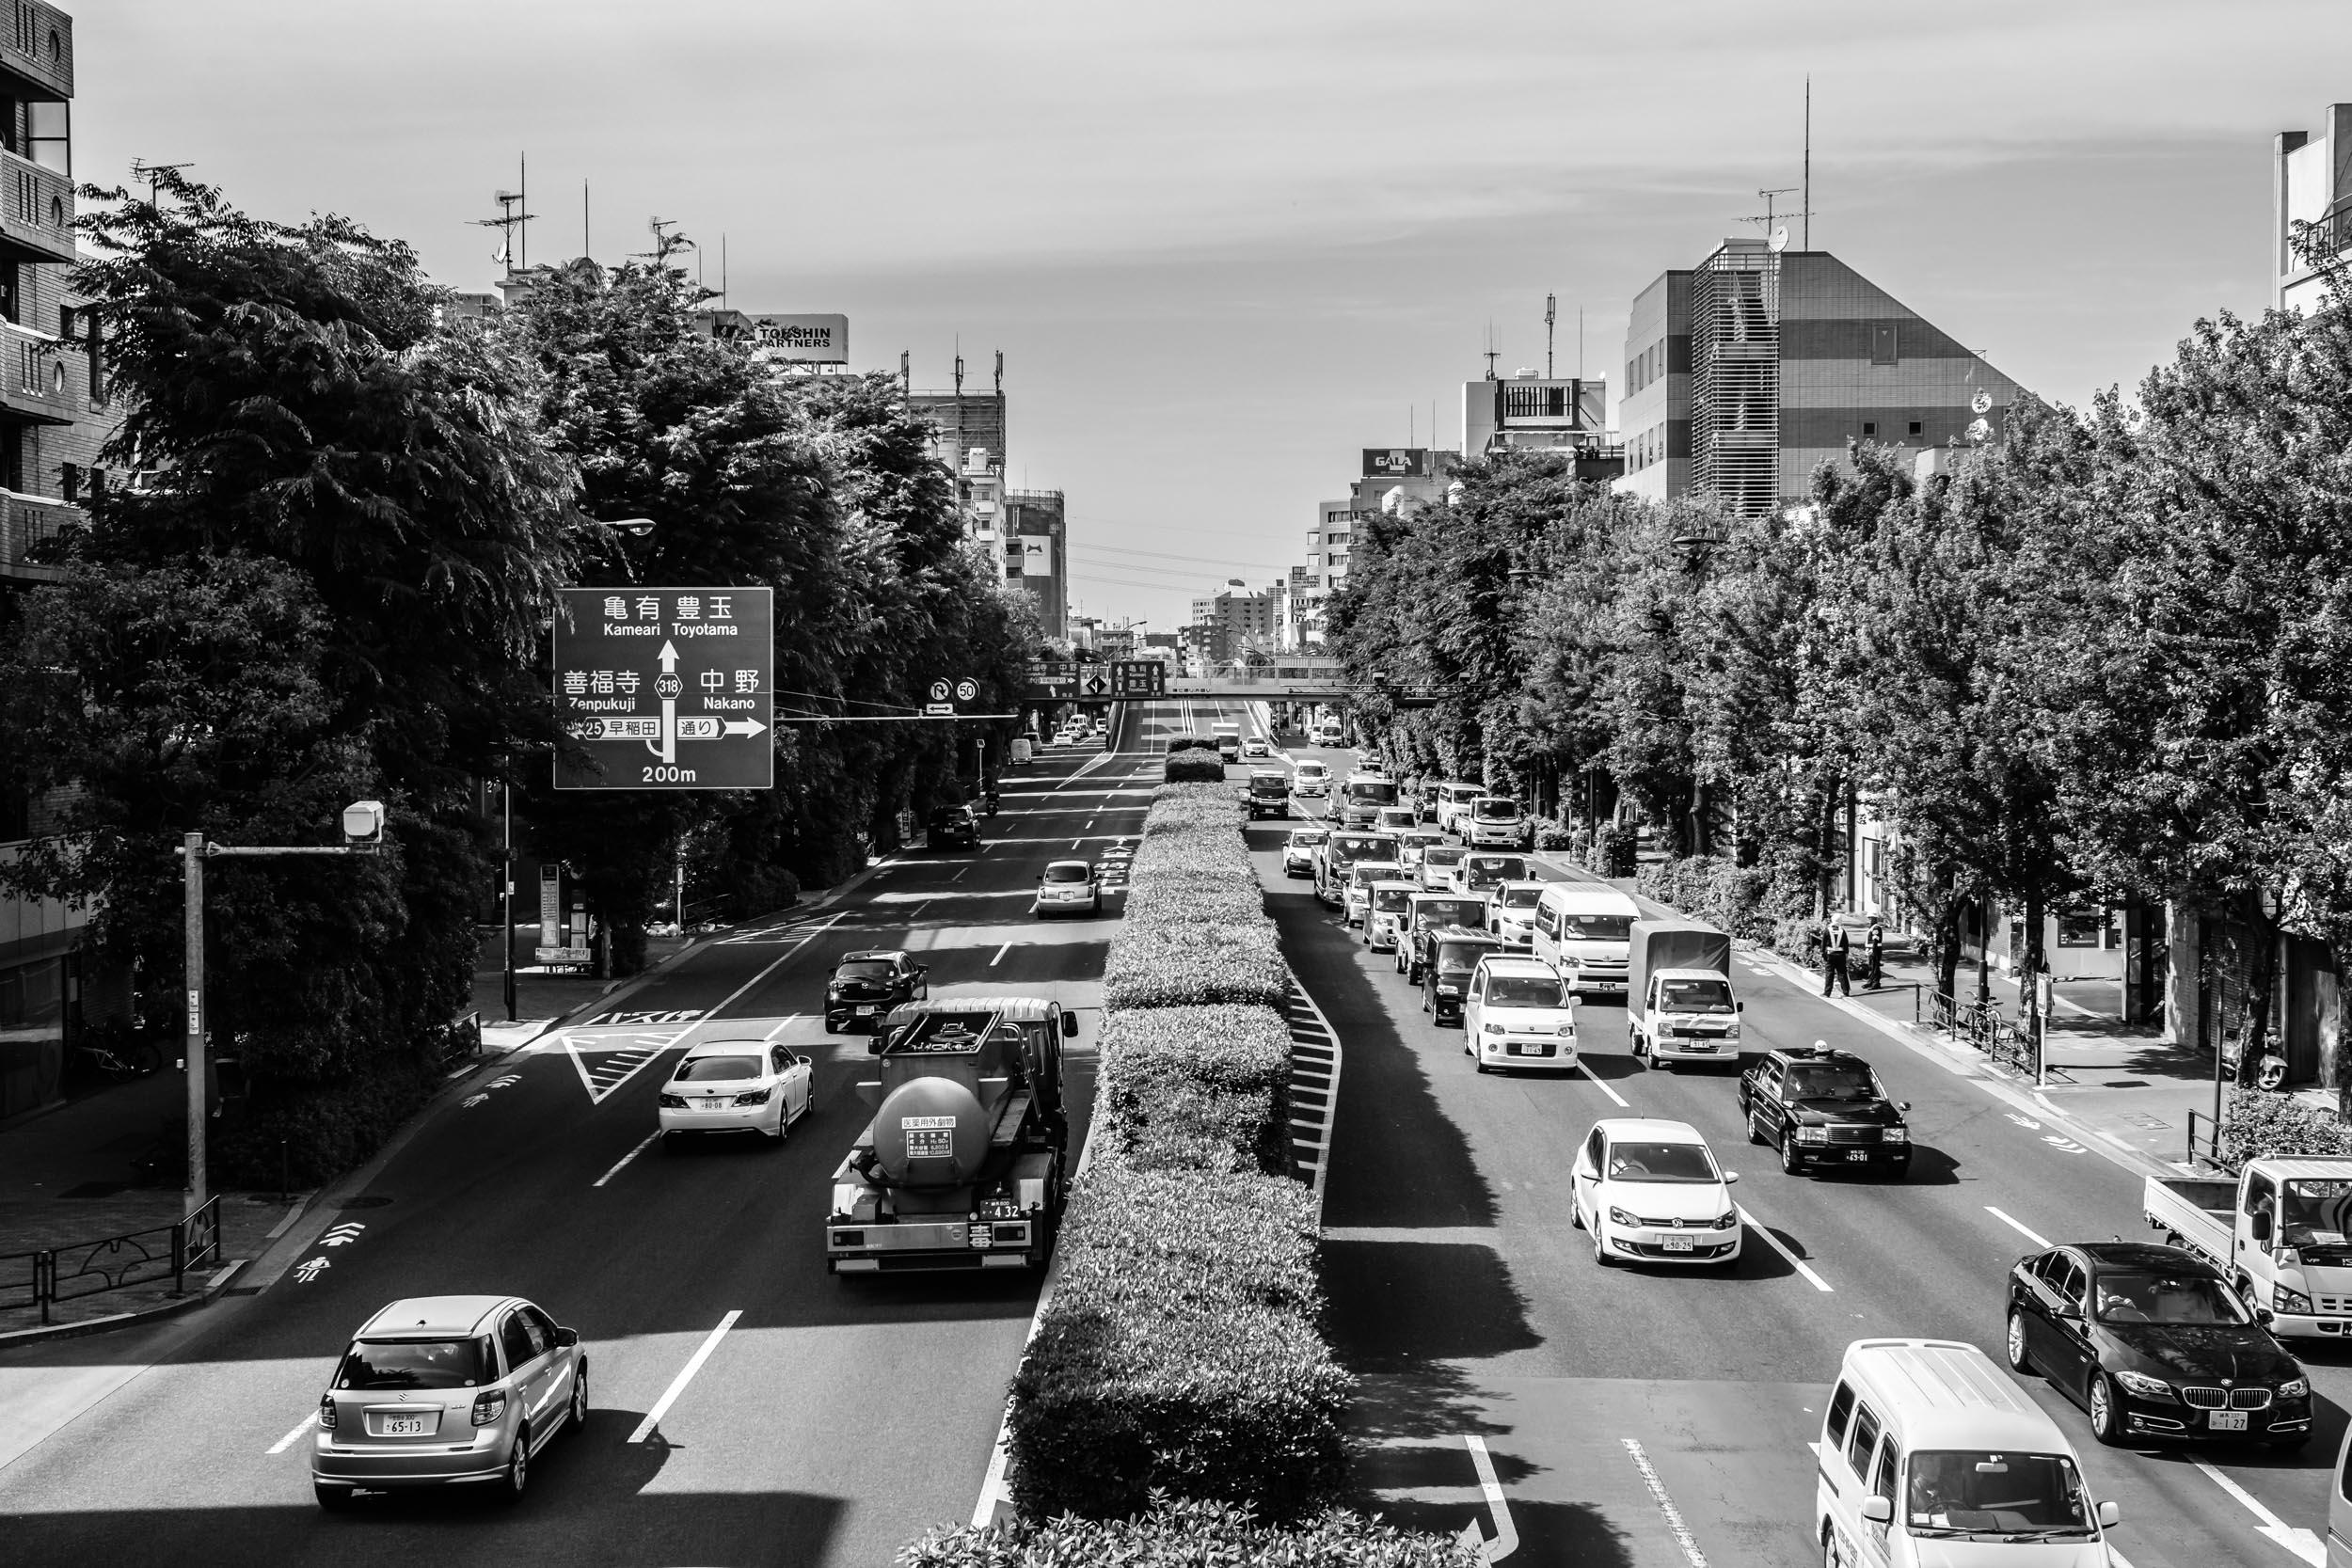 Kannana-dori, one of Tokyo's busiest roads, lies on the border of neighbouring Nakano and Koenji